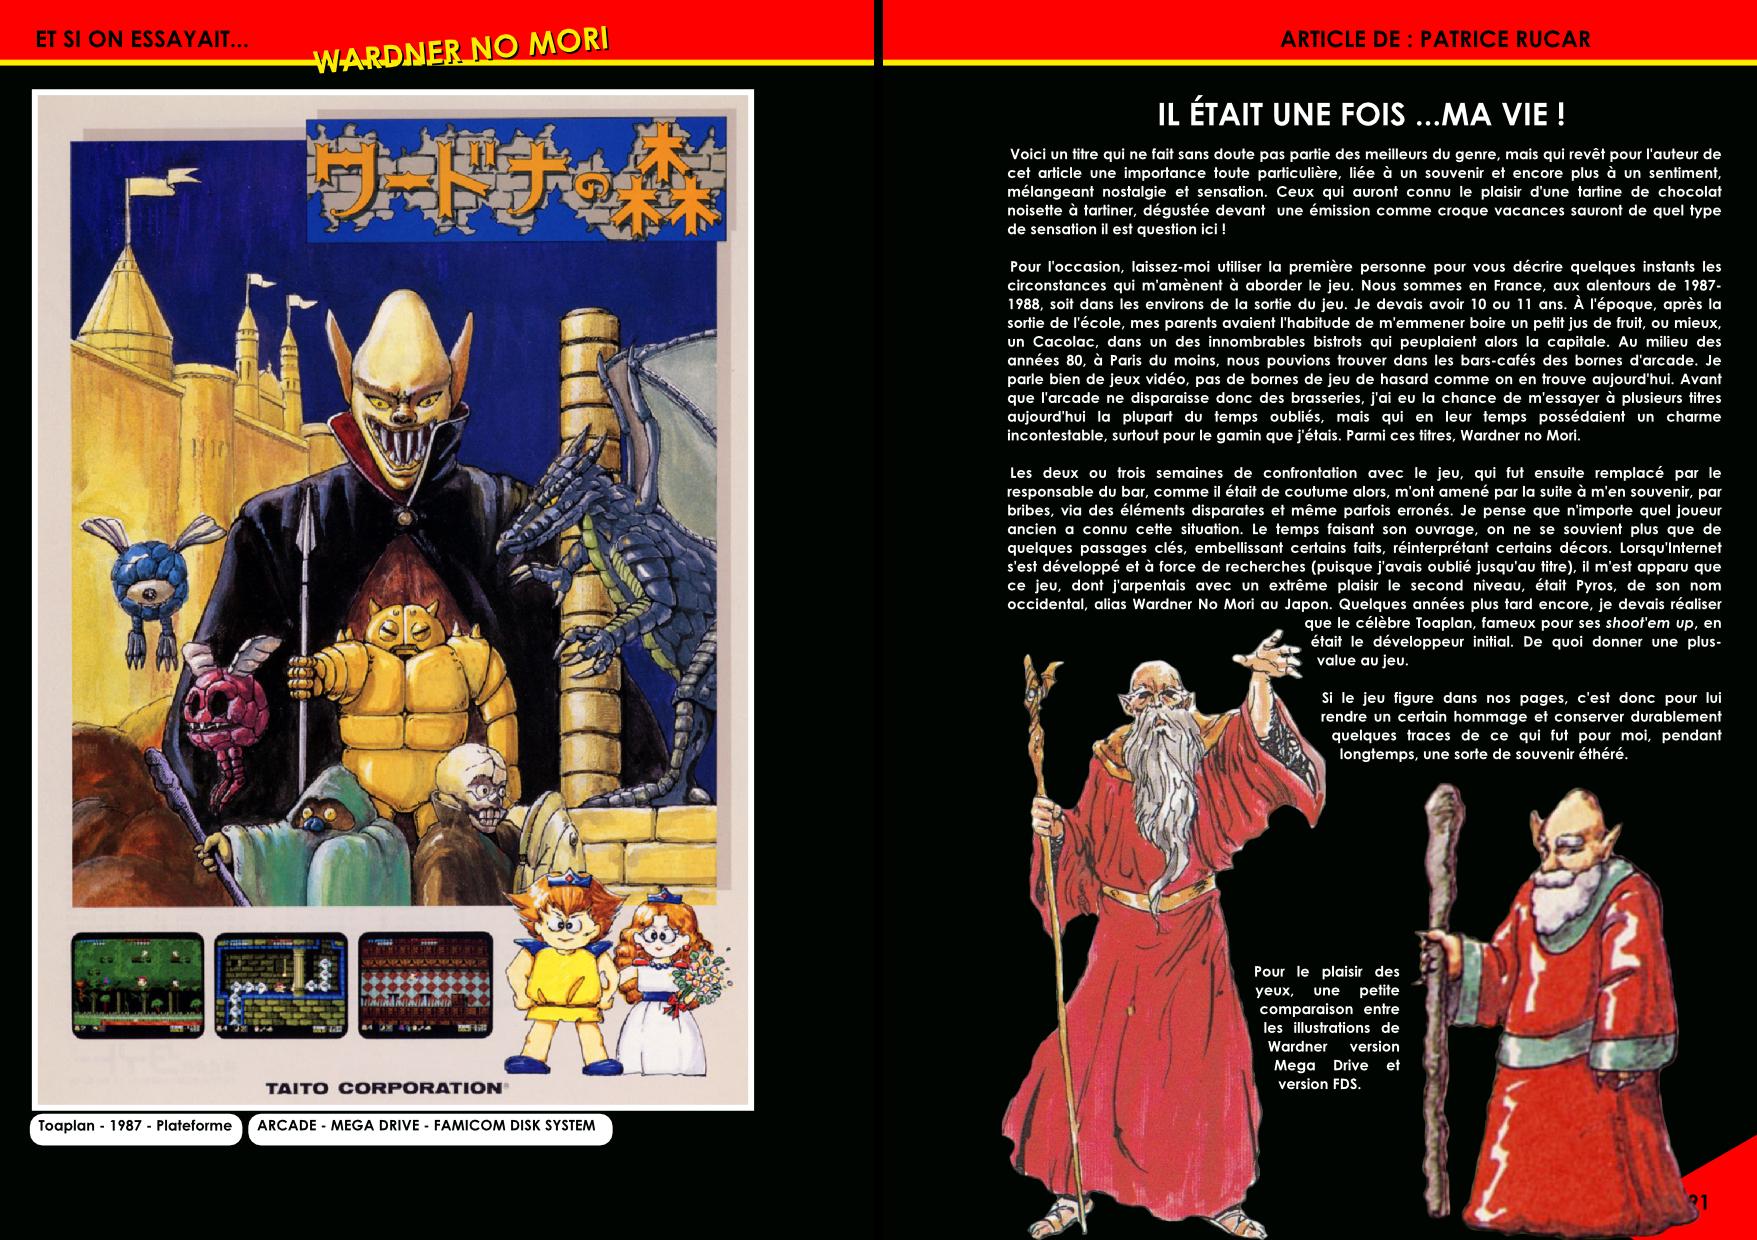 Wardner no Mori, Pyros, pour Arcade, Nes/ Famicom et Mega Drive article du magazine Côté Gamers